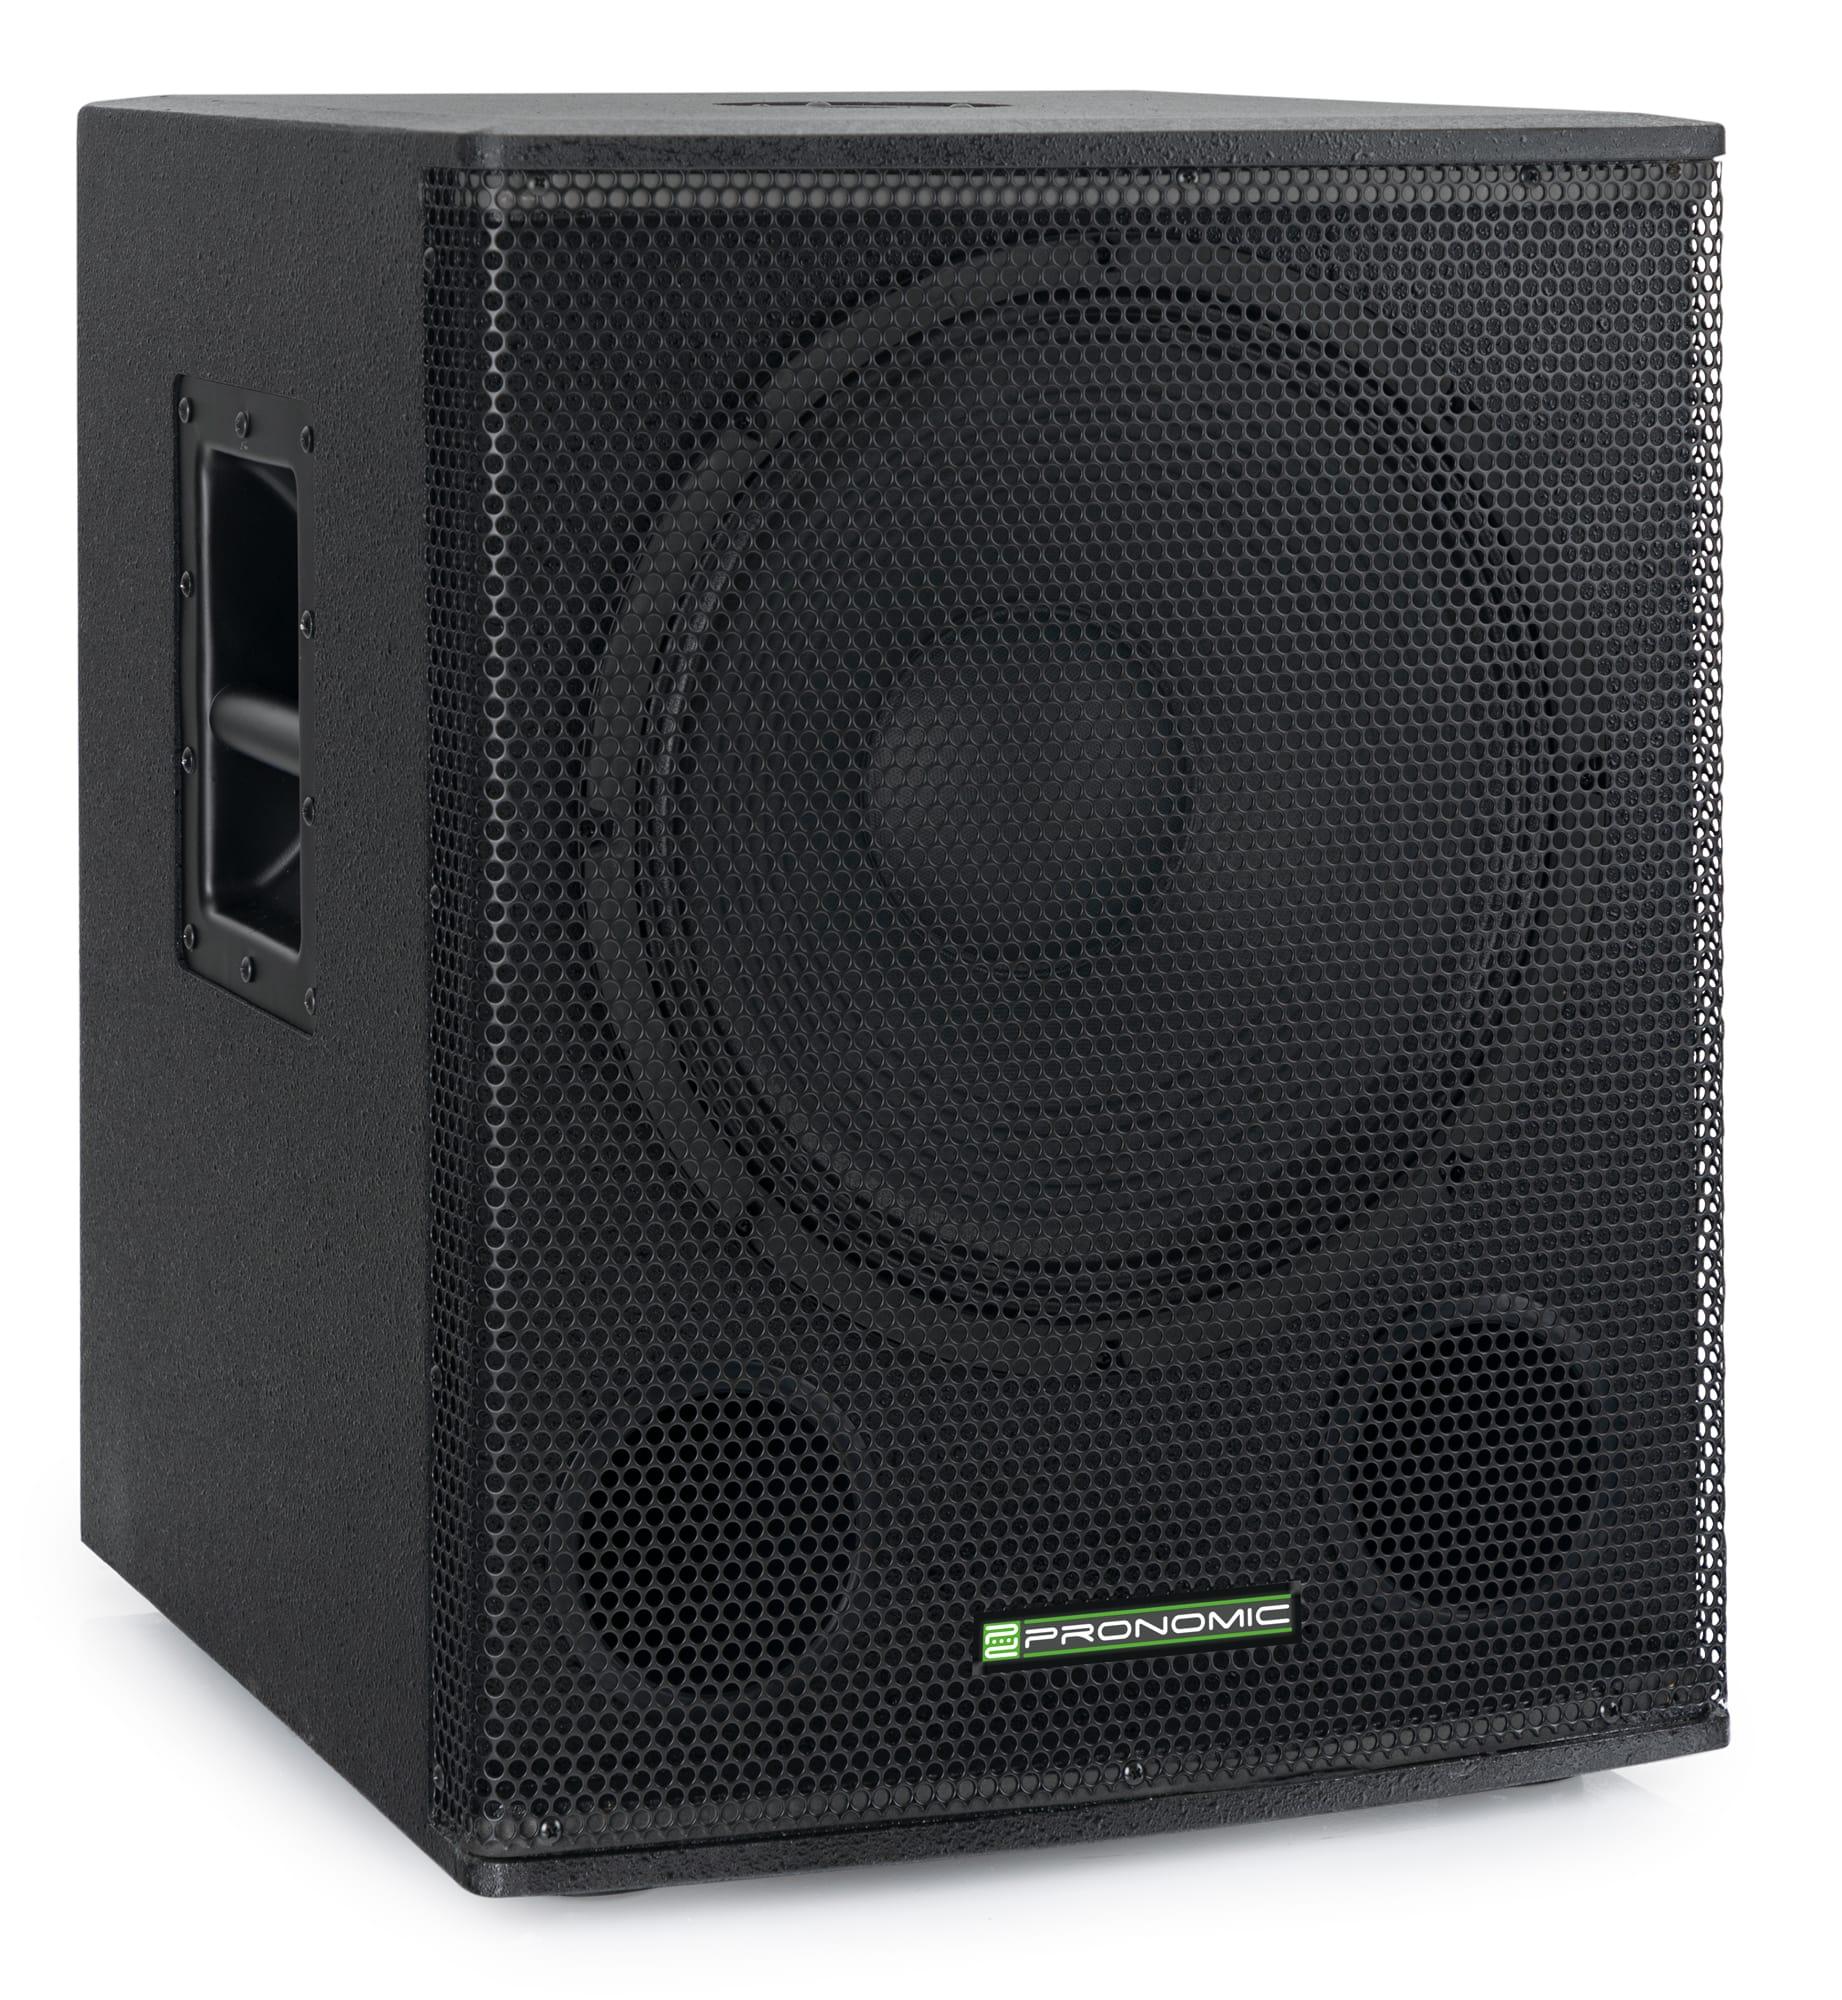 Paboxen - Pronomic SA 18 SUB Aktiv Subwoofer - Onlineshop Musikhaus Kirstein